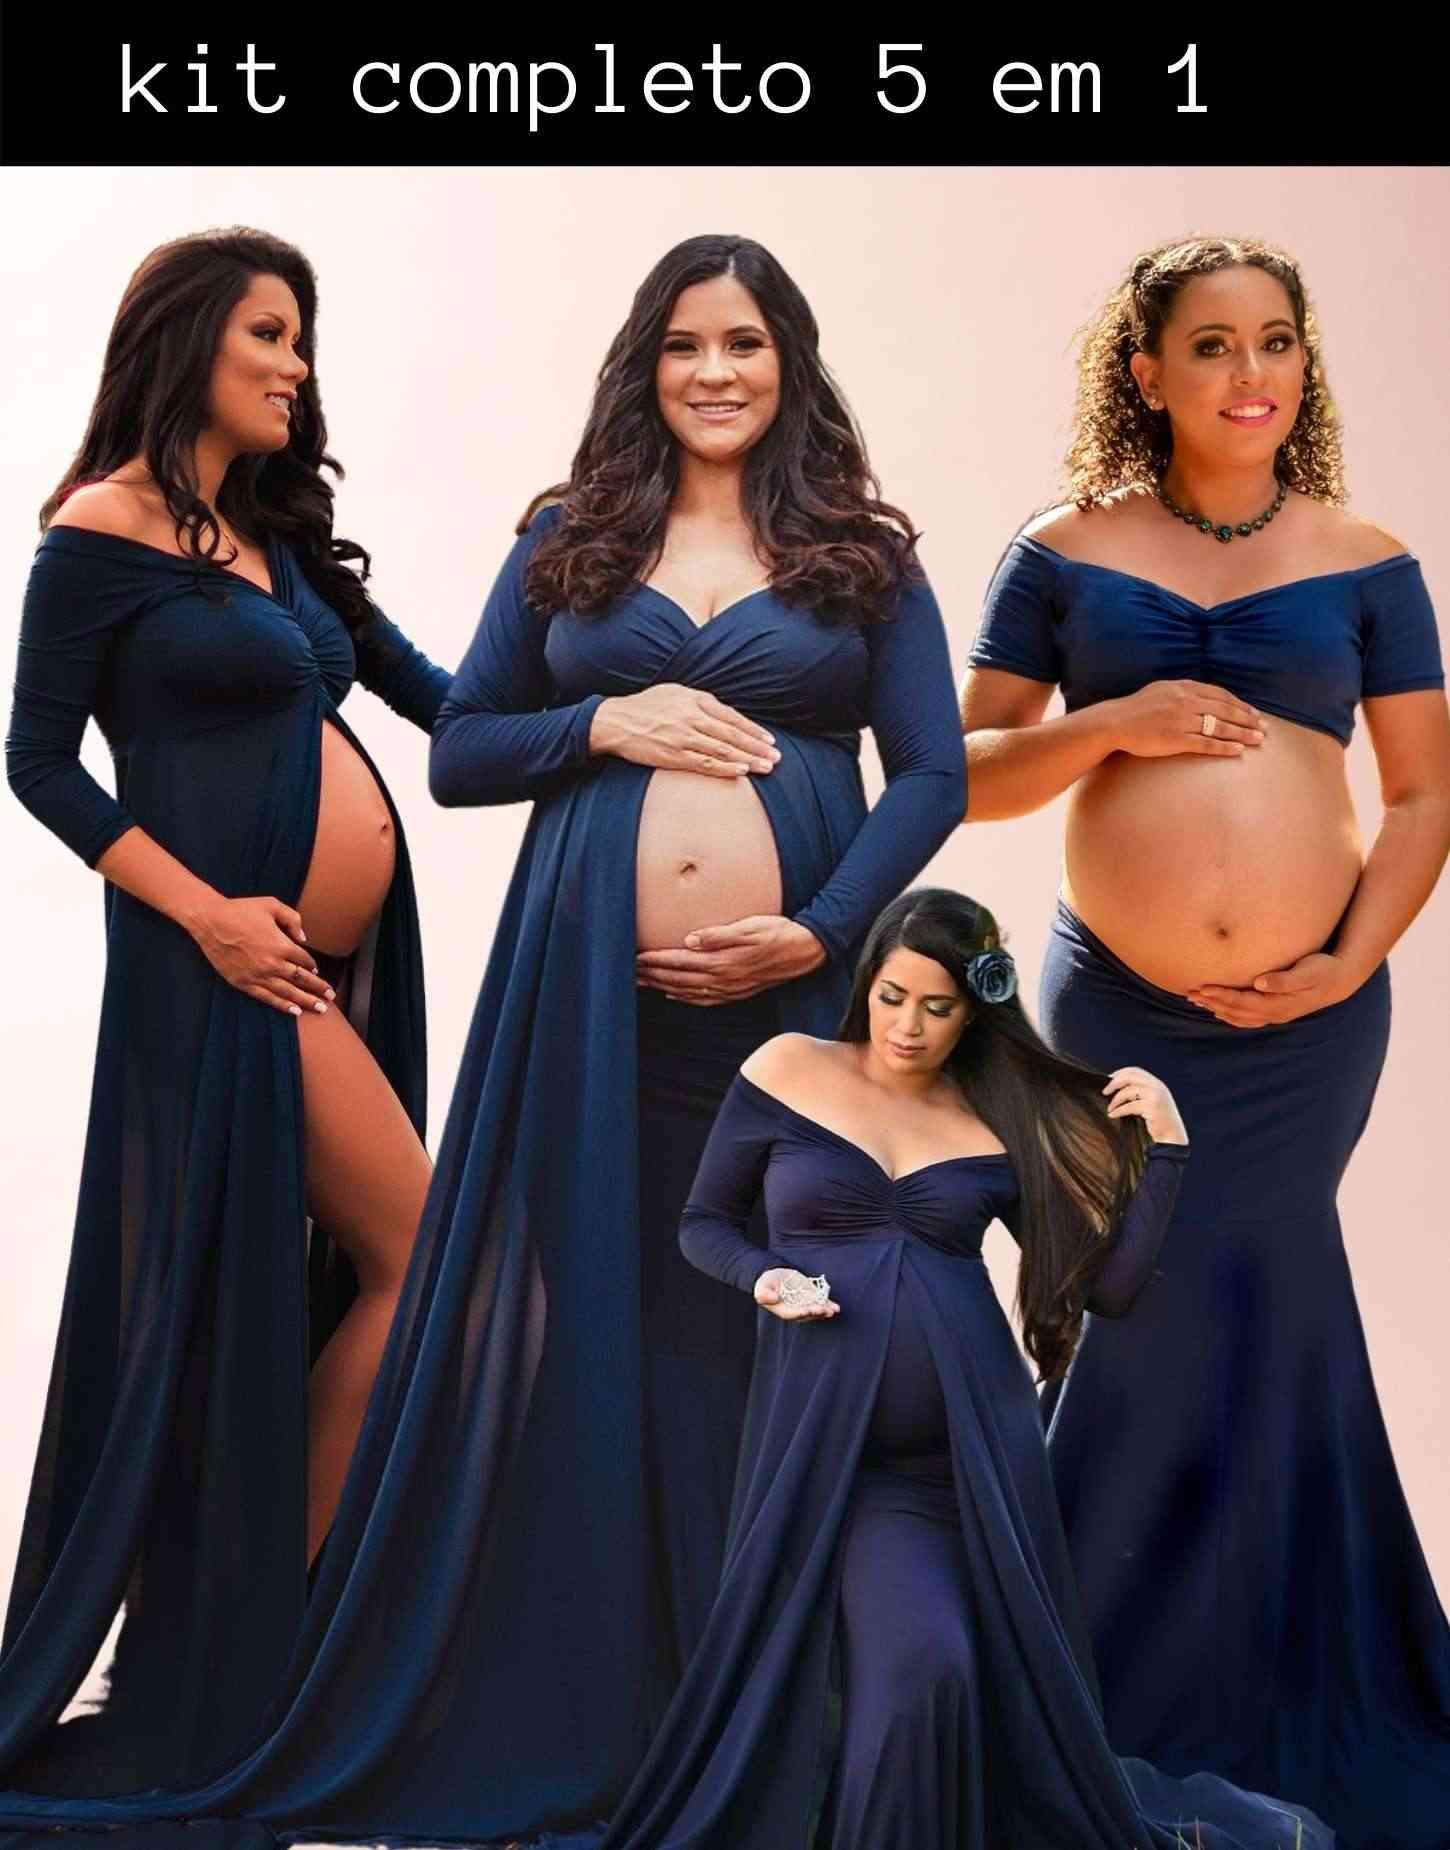 Combo Queridinho 5 em 1 ; Vestido Caudona + Saia Sereia + Short + Top